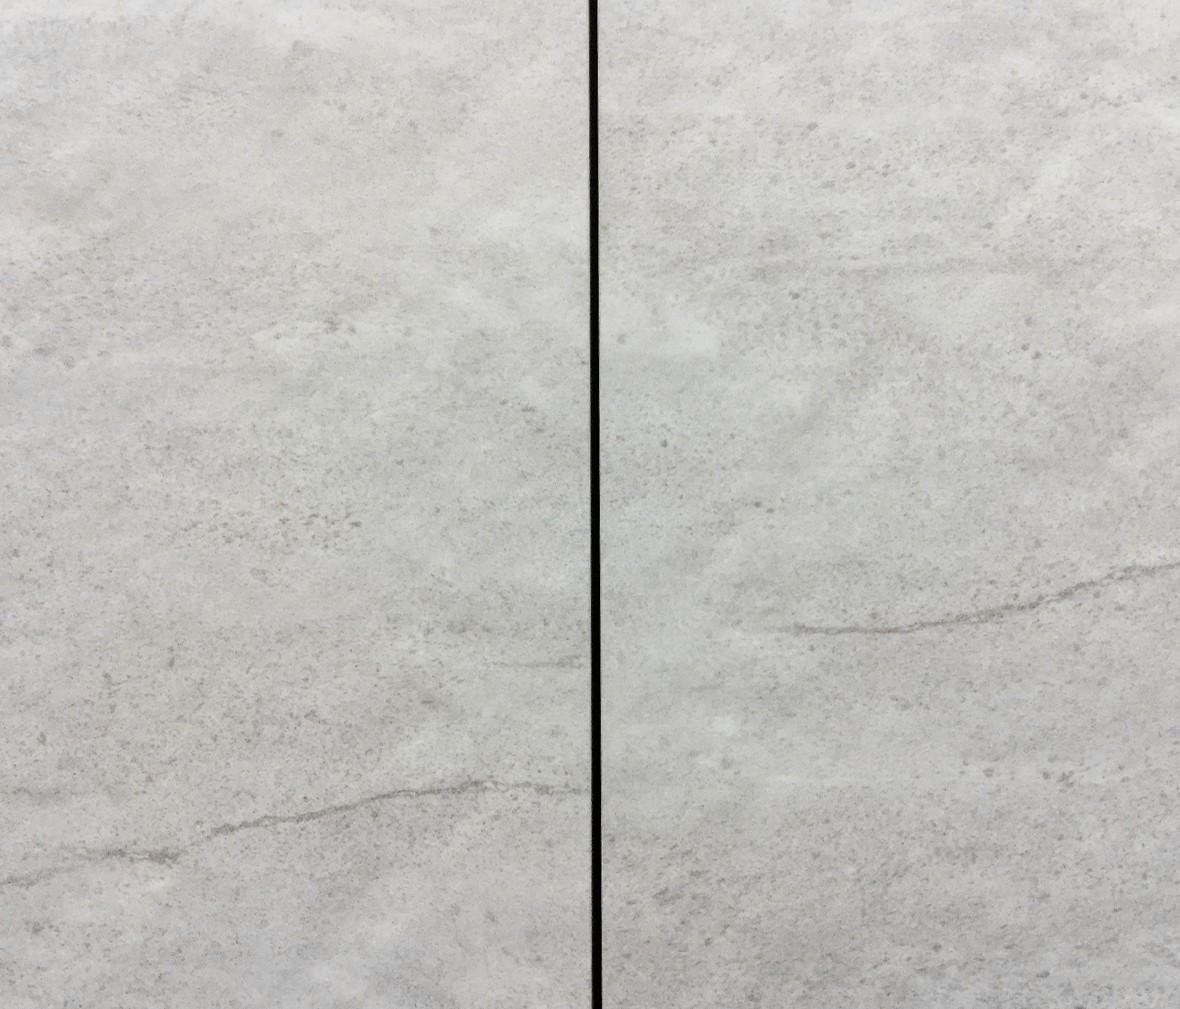 冠珠瓷砖 gqiy62079型号墙砖 300*600瓷砖仿古砖 图片,价格,品牌,评测